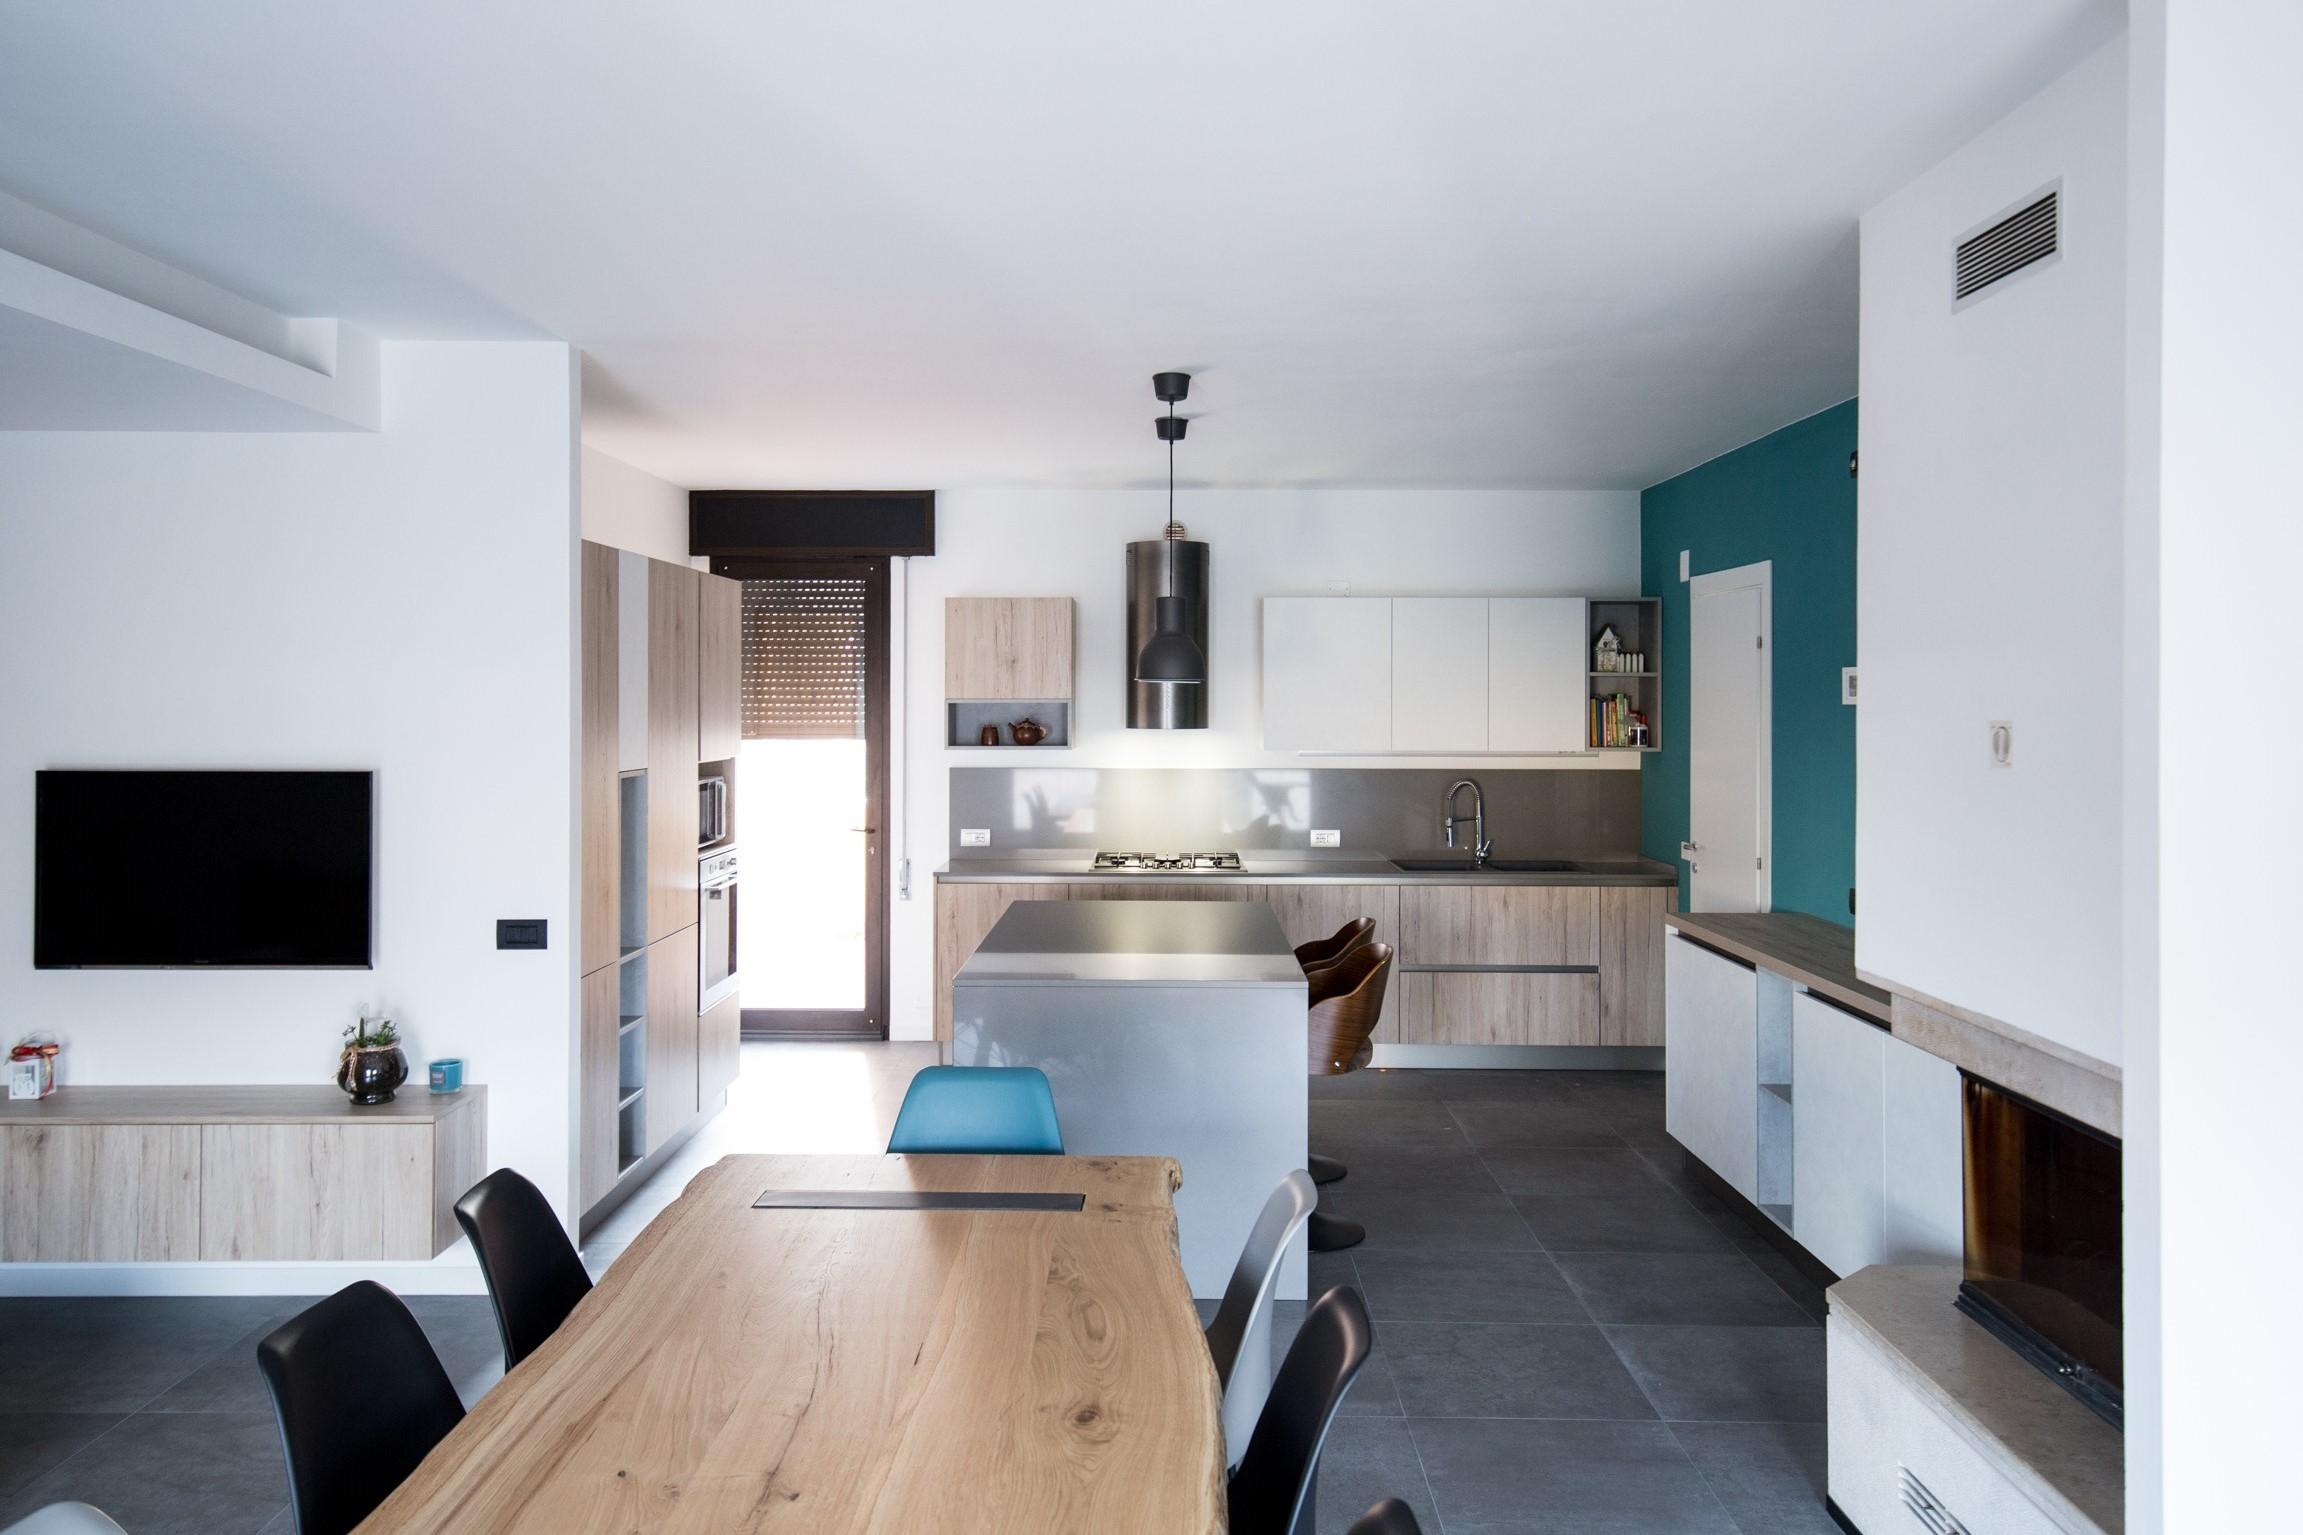 Arredamento Zona Giorno Open Space.Cucina Industrial Con Zona Living Open Space Arredamenti Barin